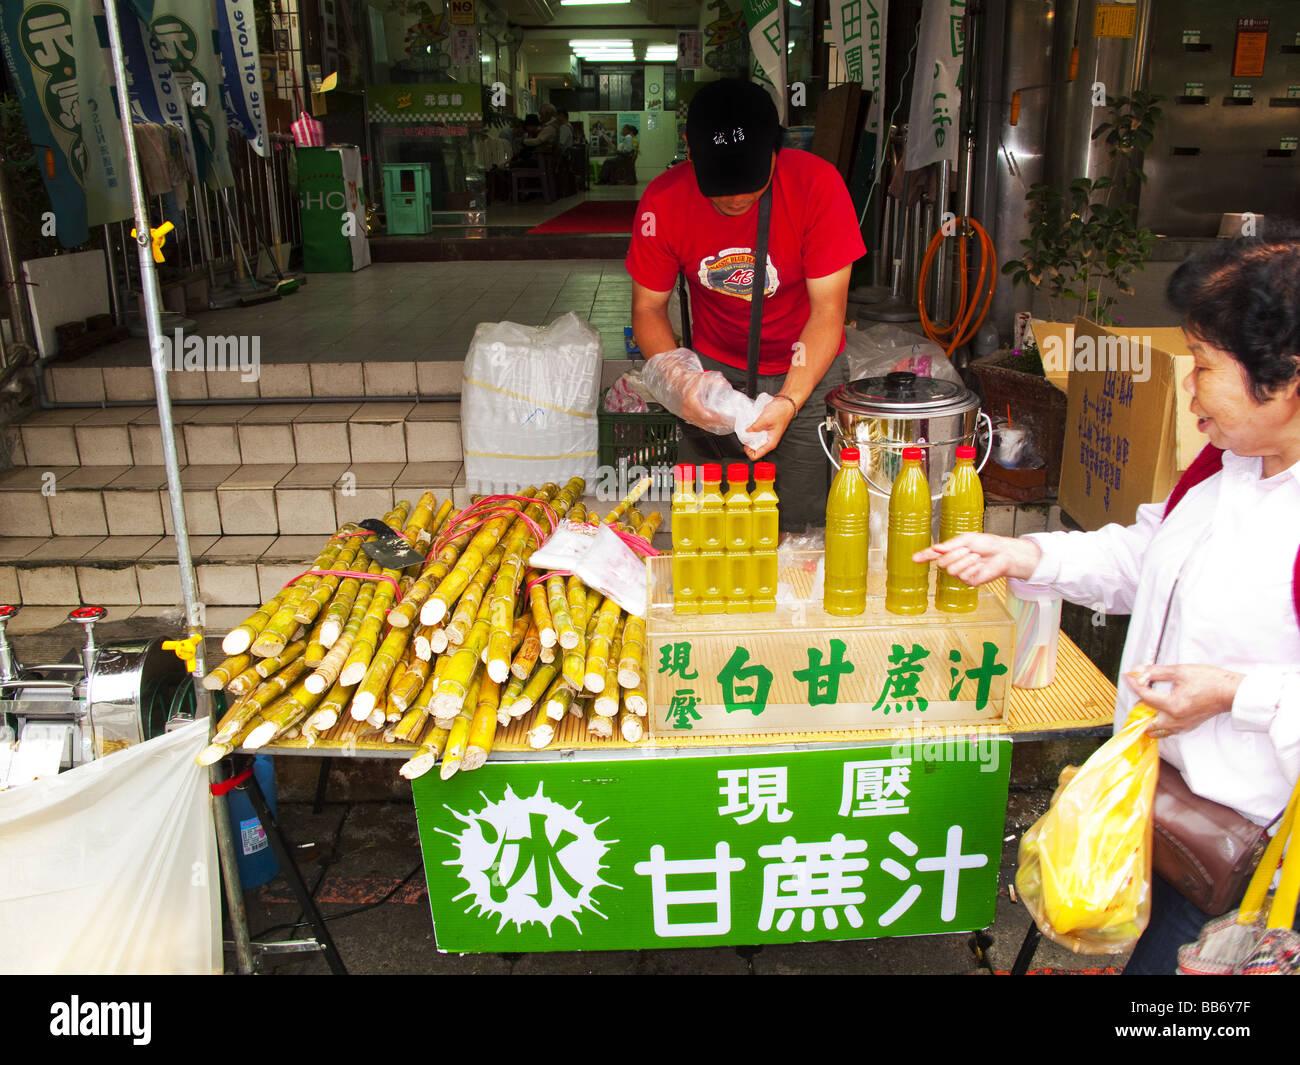 Sugar beet cane stall Taipei Taiwan - Stock Image